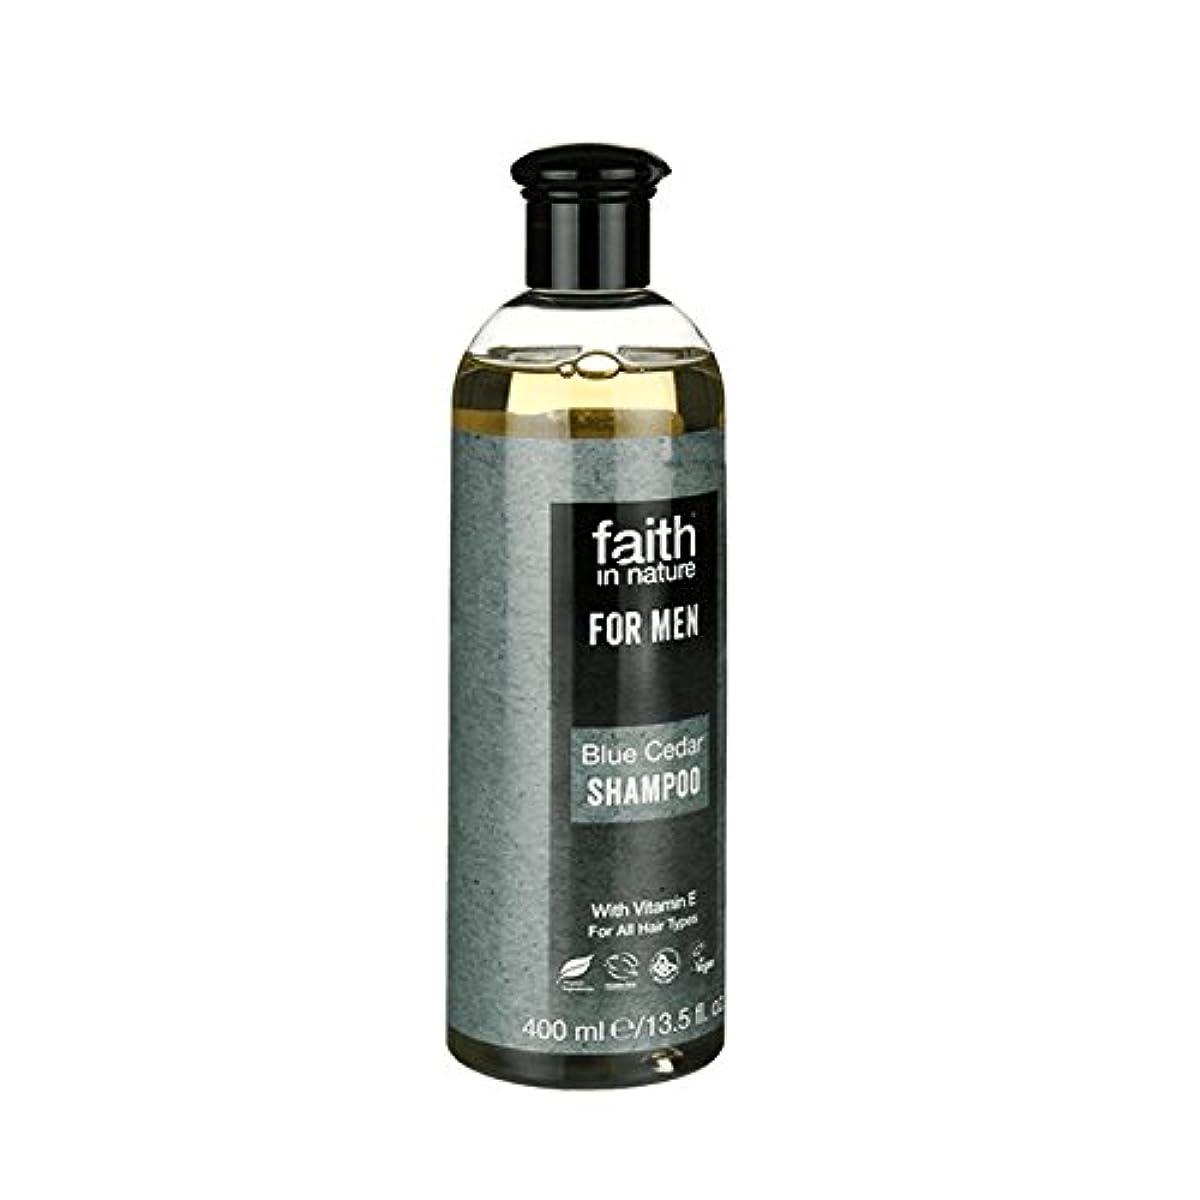 出口結び目脳Faith in Nature for Men Blue Cedar Shampoo 400ml (Pack of 2) - 男性青杉のシャンプー400ミリリットルのための自然の中で信仰 (x2) [並行輸入品]